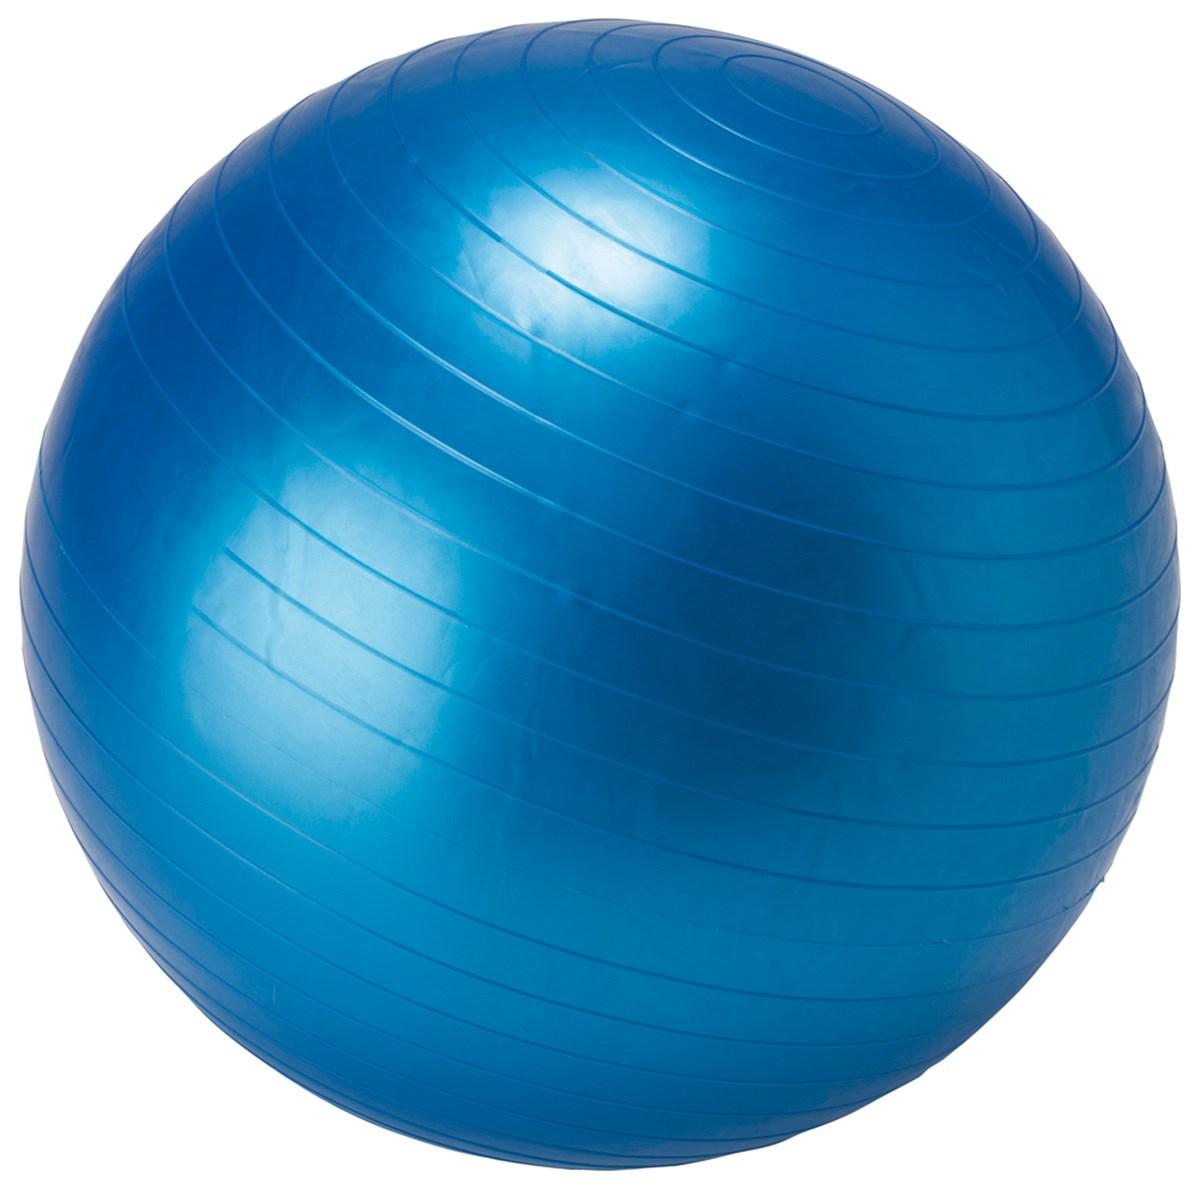 その他メーカー IDEAL BODY フィットネスボール 65cm